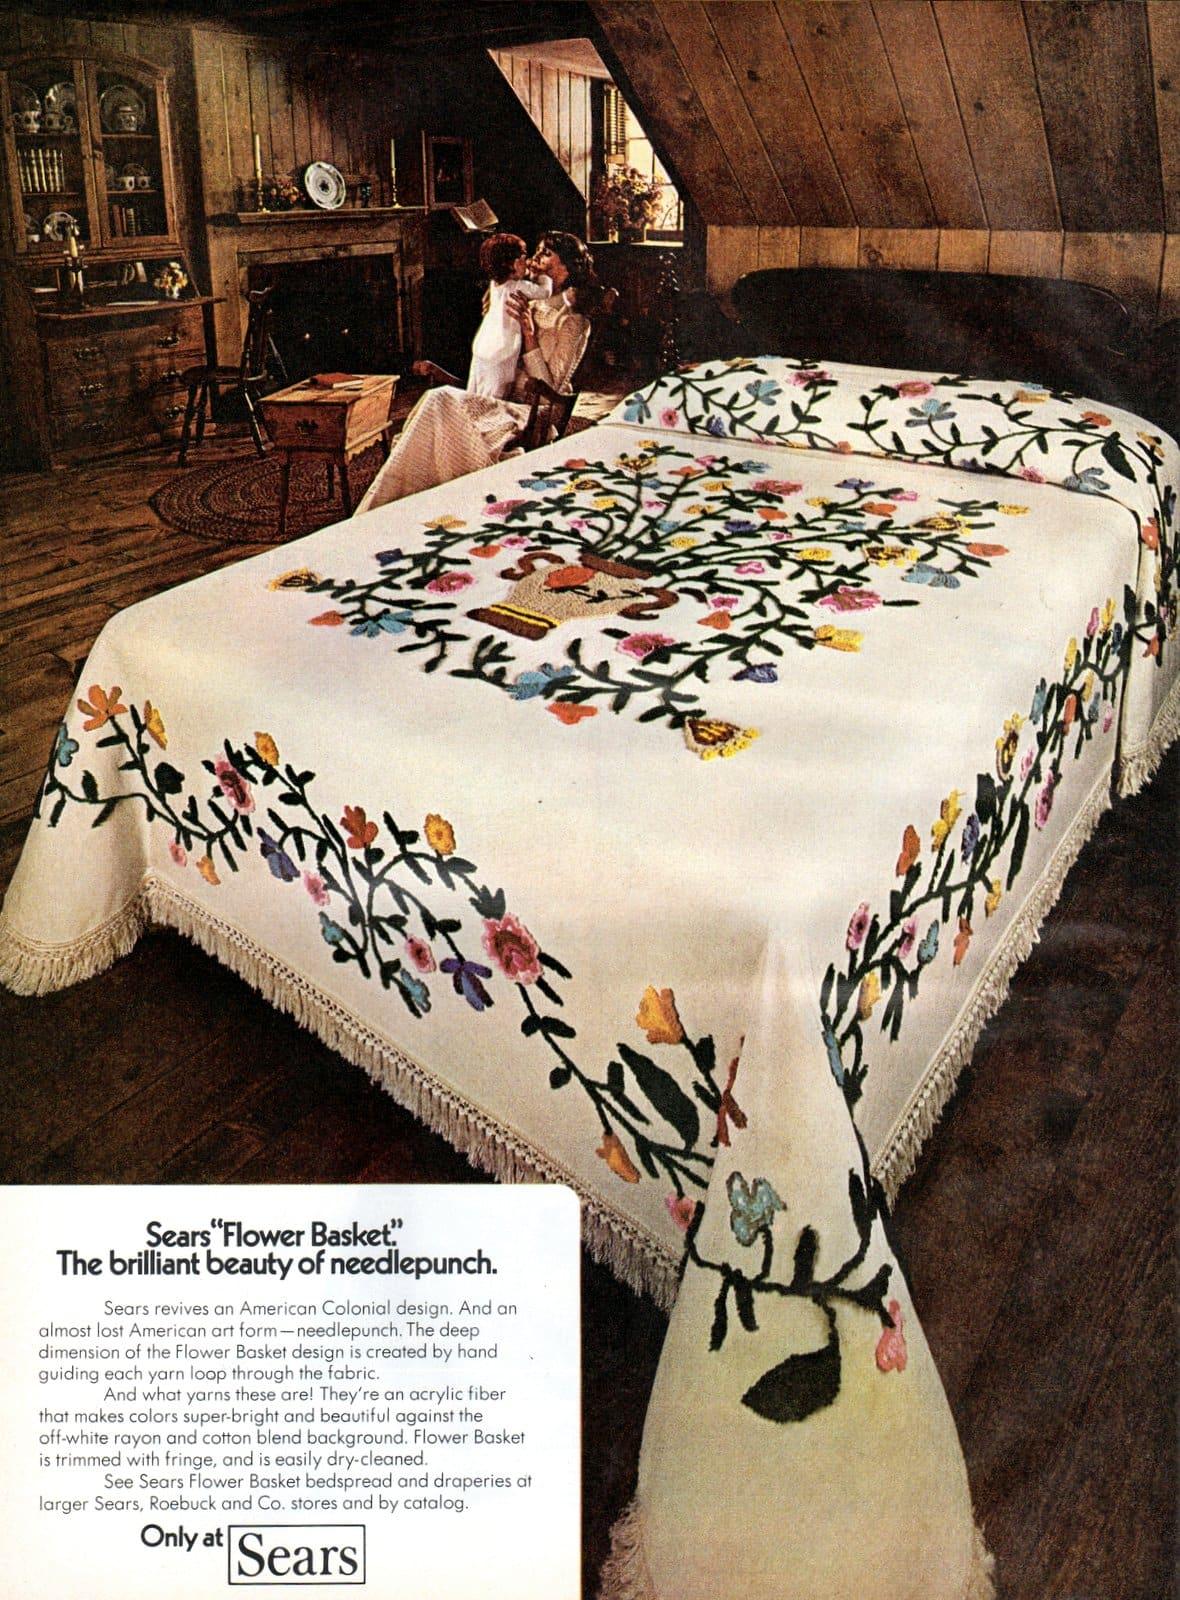 Flower Basket needlepunch bedspread (1972)